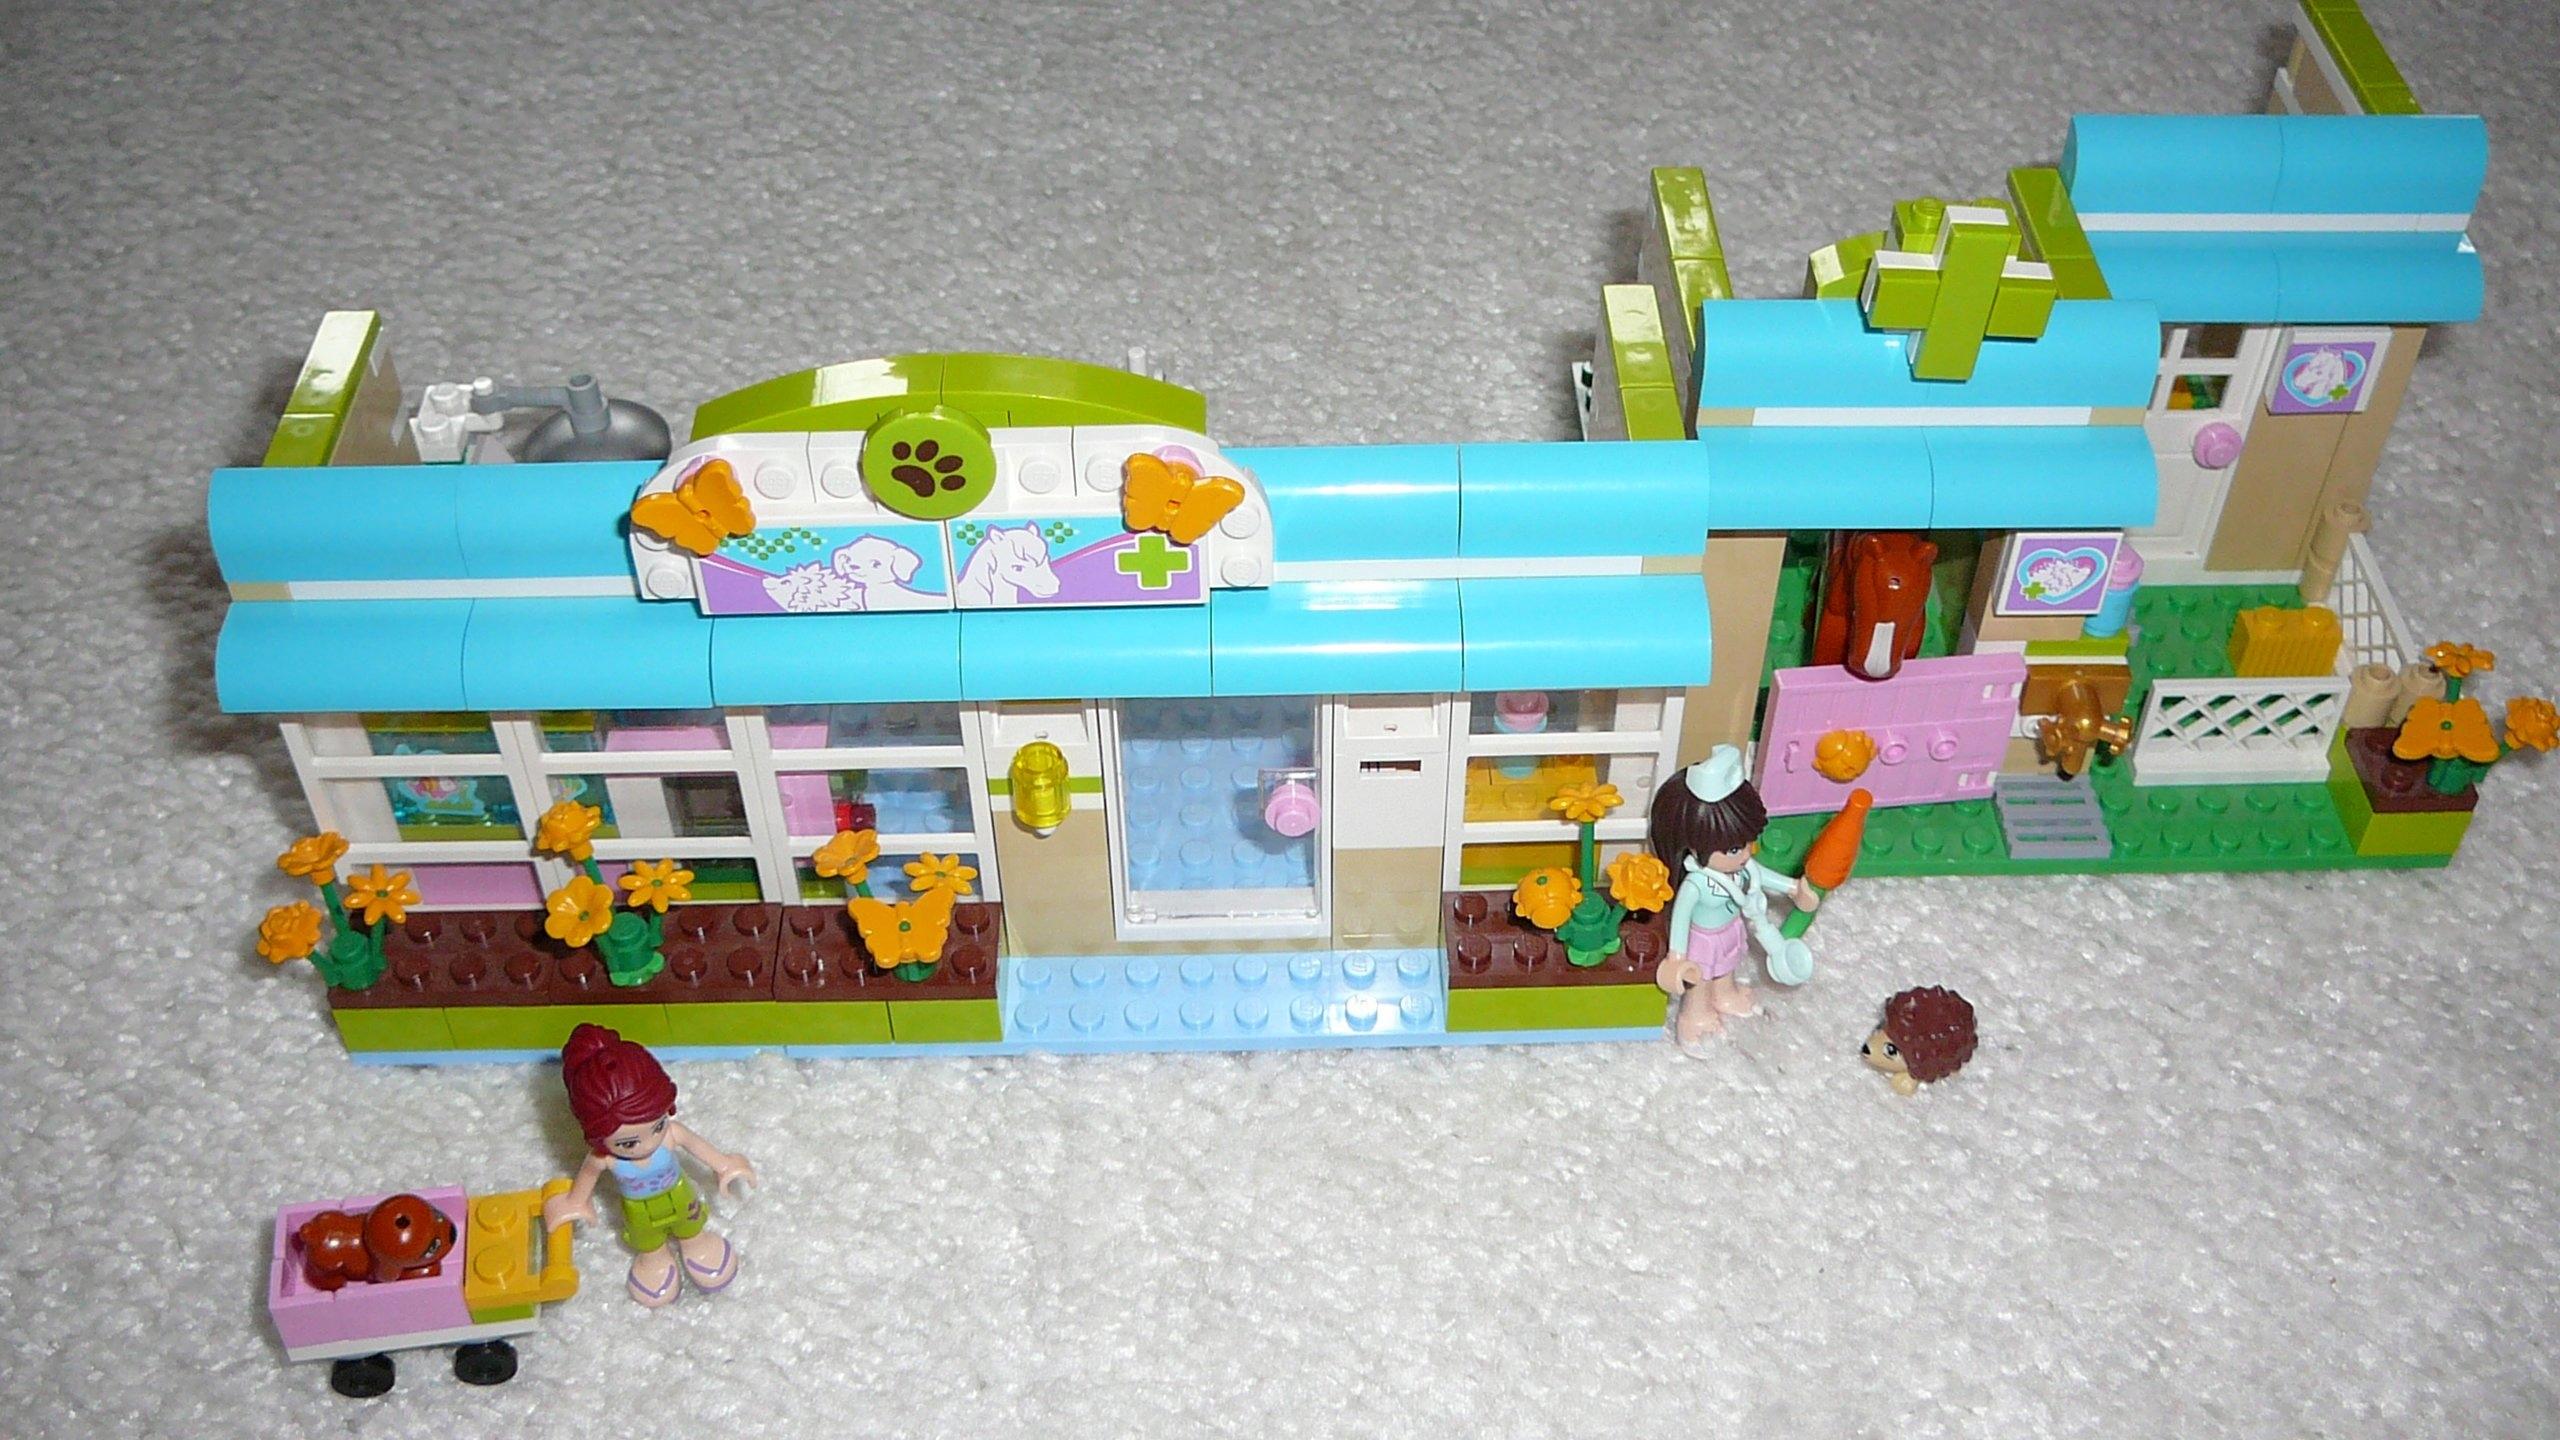 Lego Friends Weterynarz Duży 100 Kompletne 7443518399 Oficjalne